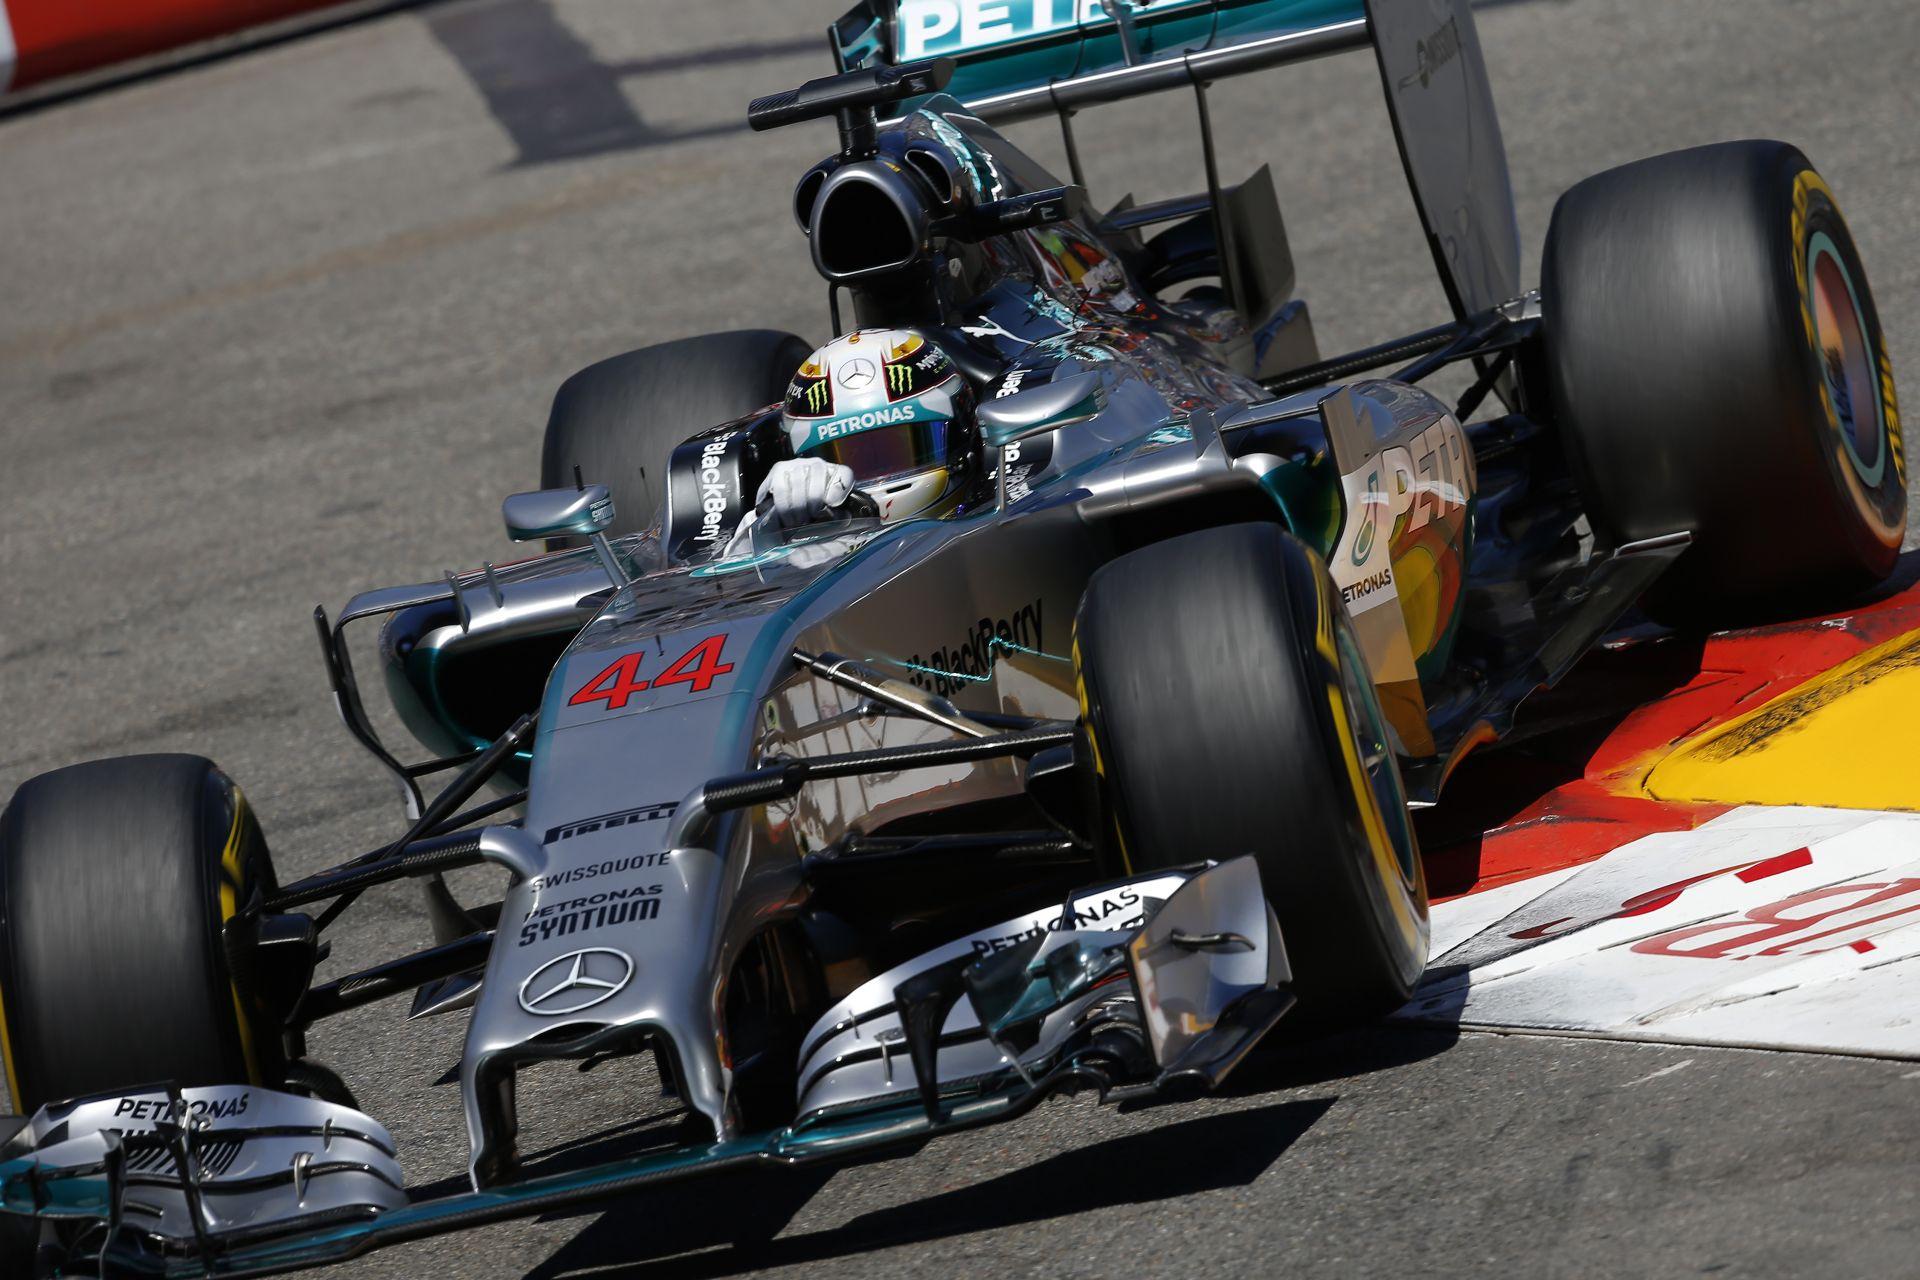 Levezető kör: Hamilton is trükközött Monacóban? Nem is fájt a szeme? Alonso mindig Raikkönen előtt lesz!